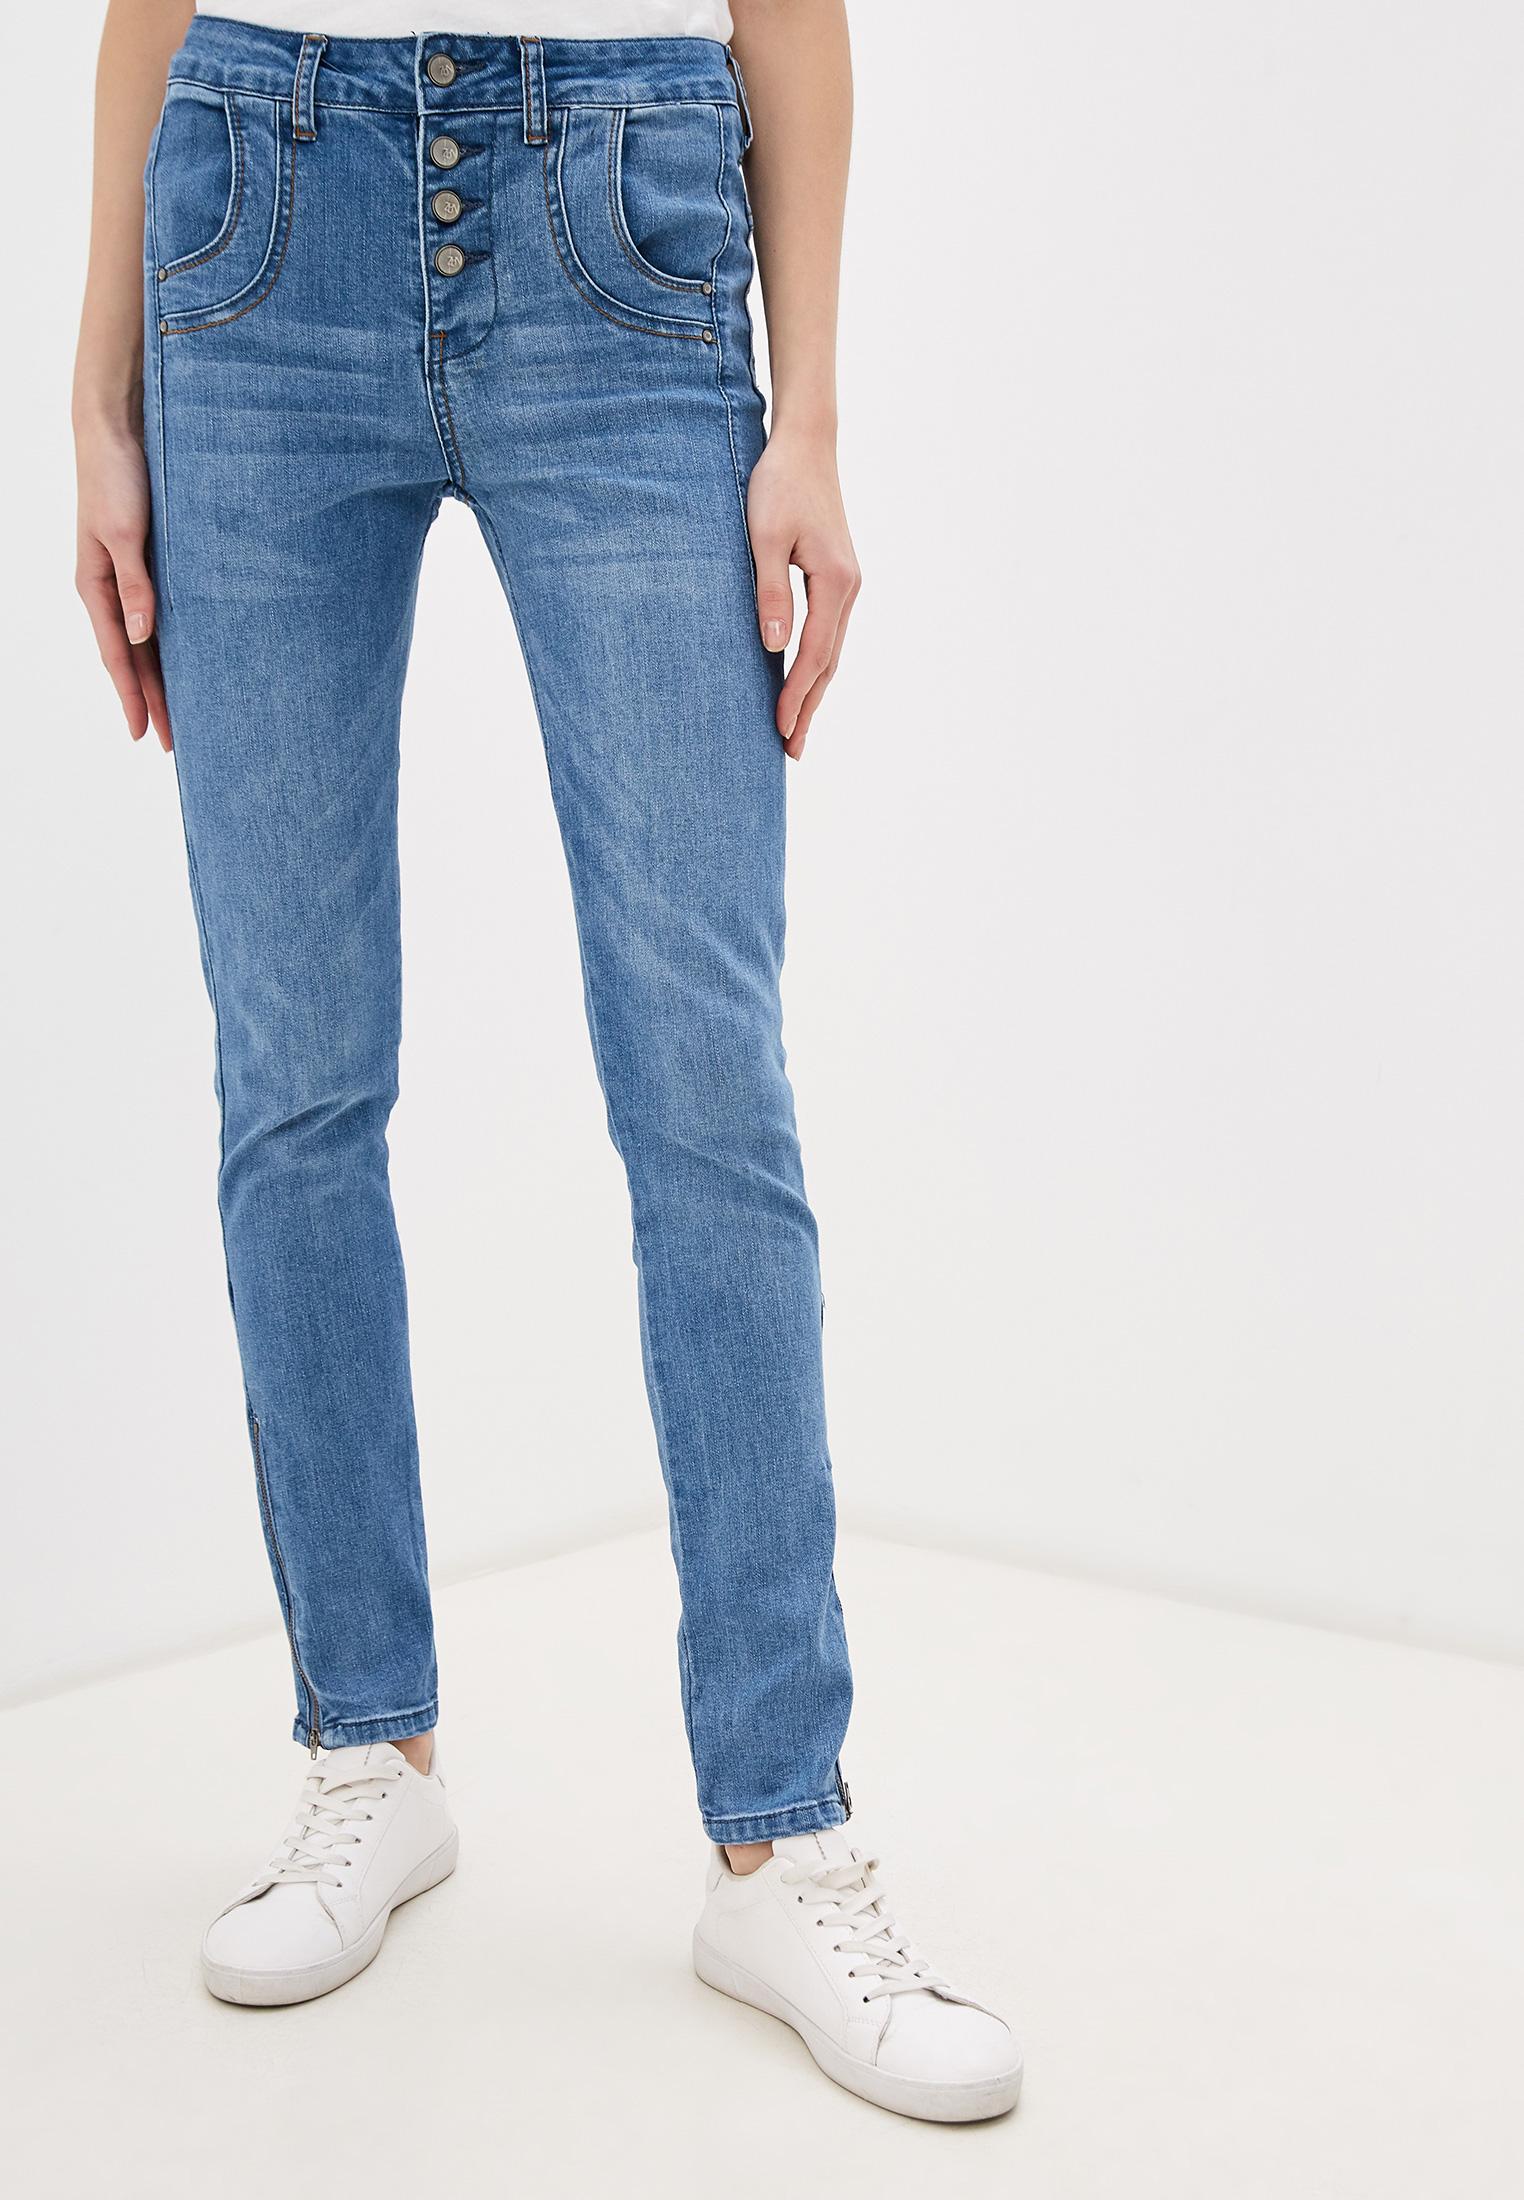 Зауженные джинсы Zabaione QI-501-112